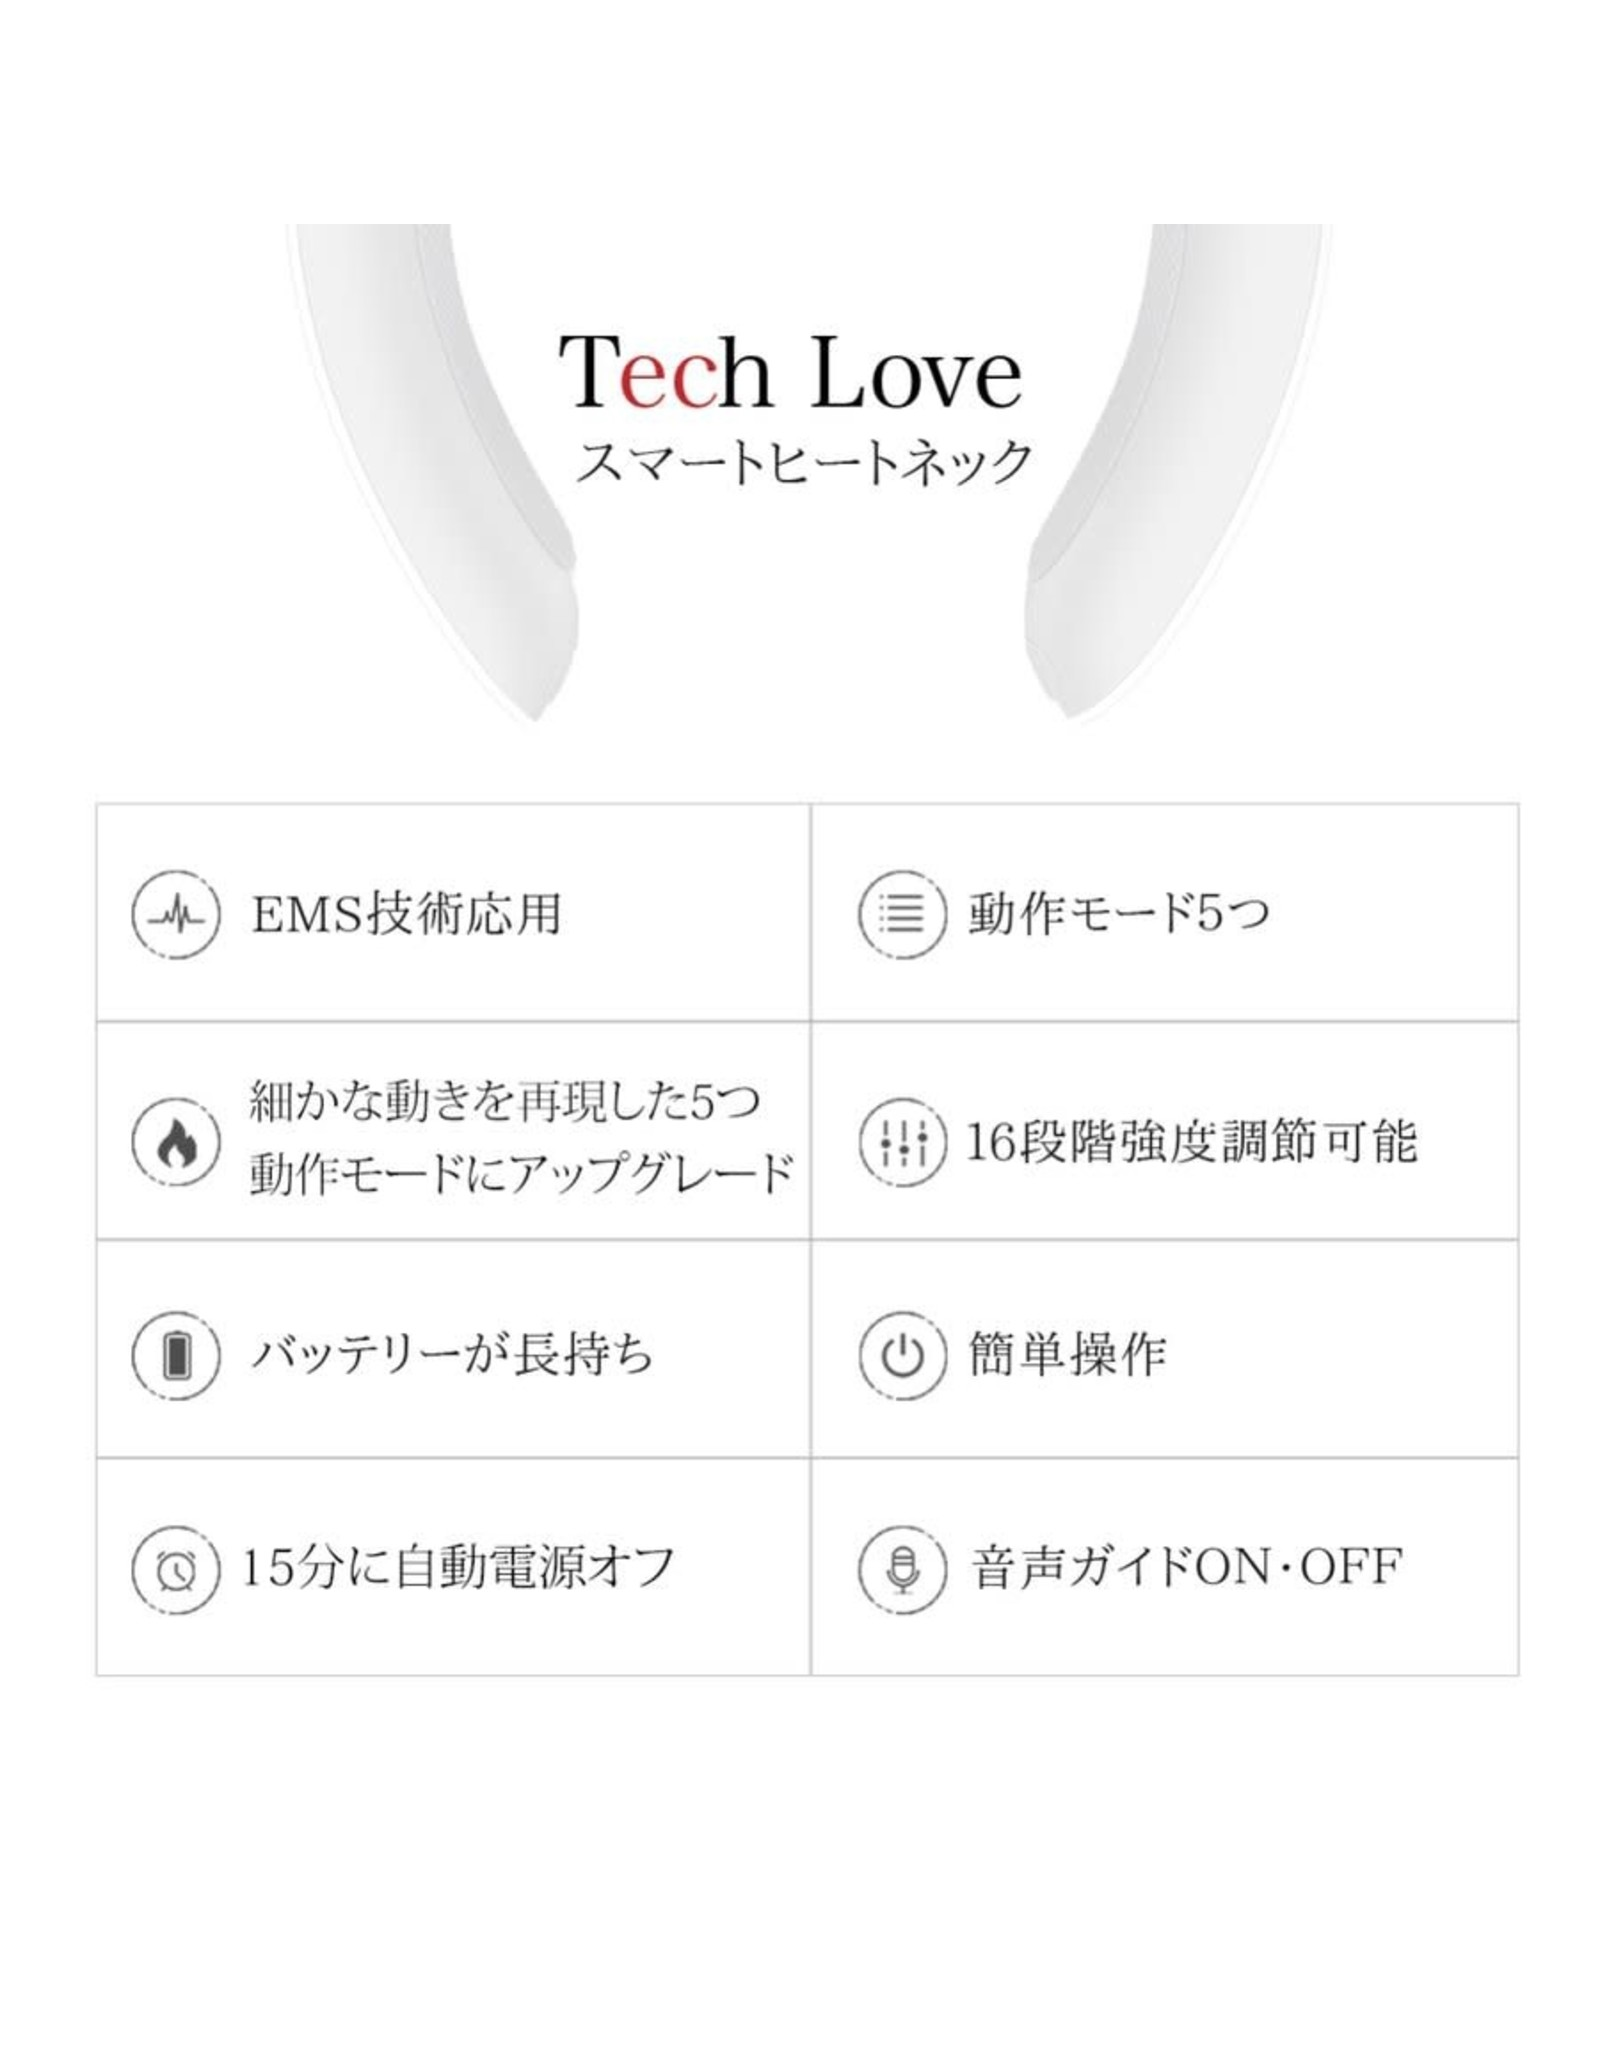 Tech Love Smart Neck Heater - Gray